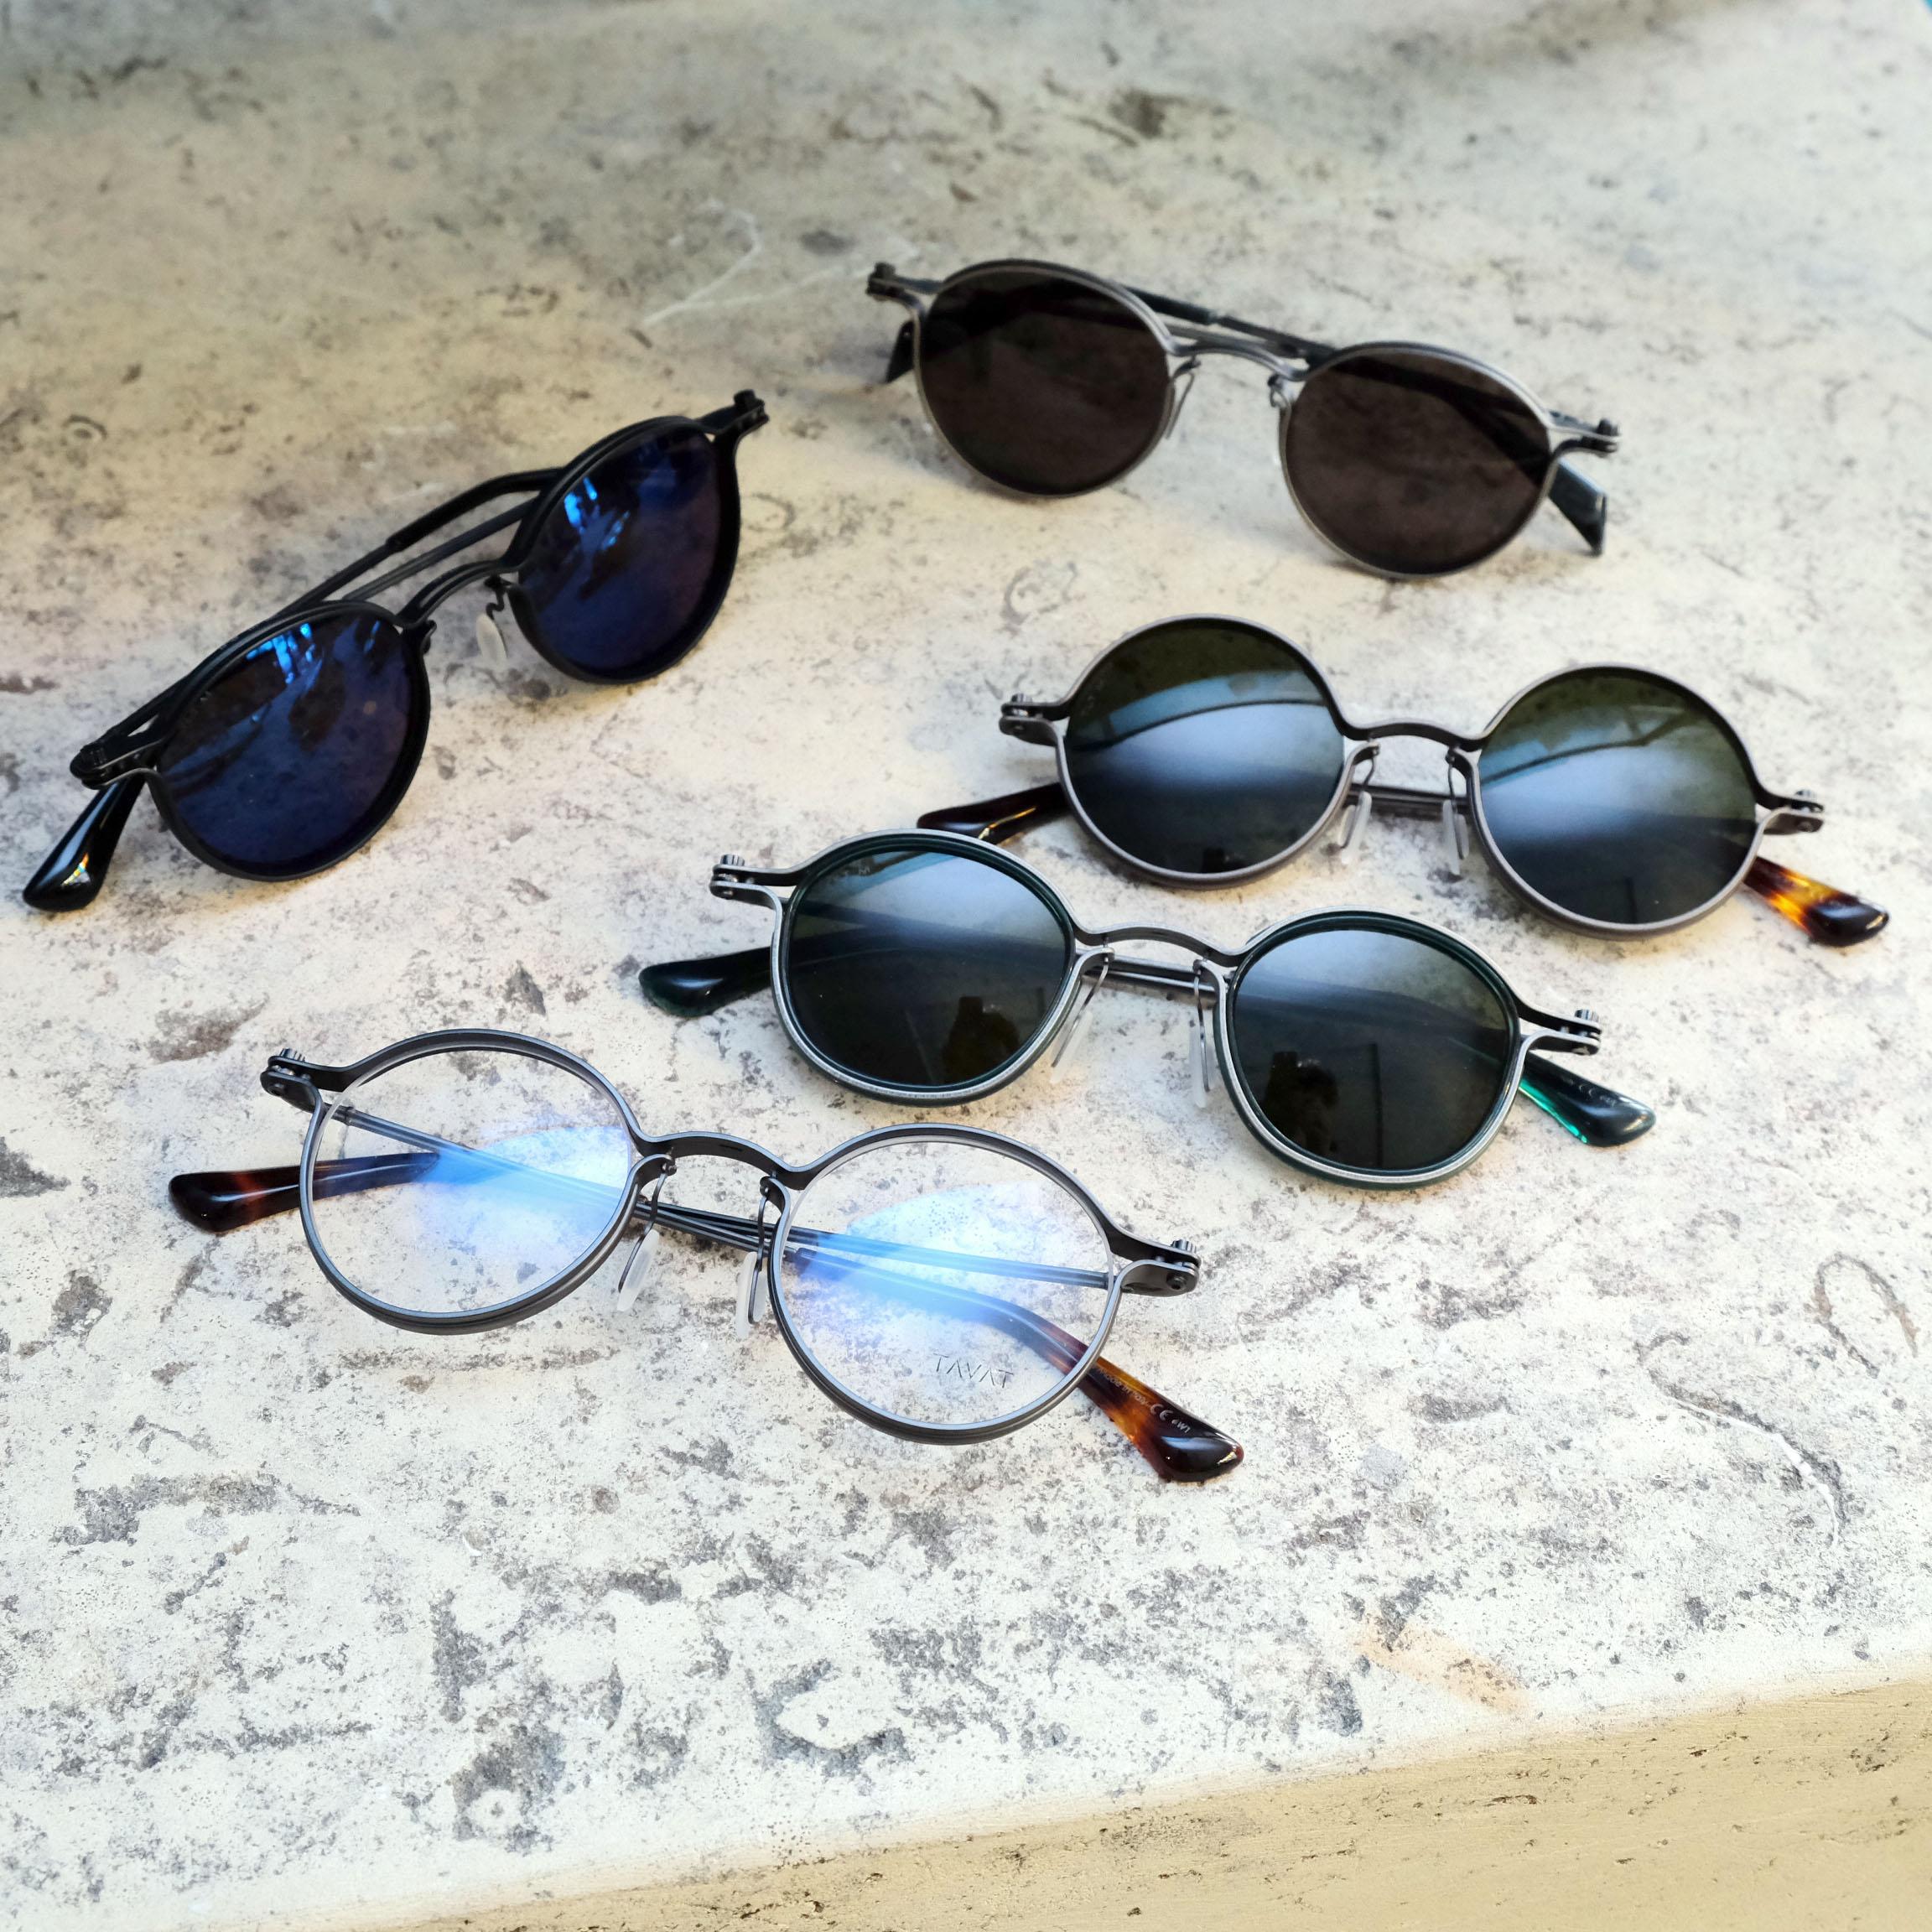 tavat-uebersicht-sonnenbrillen